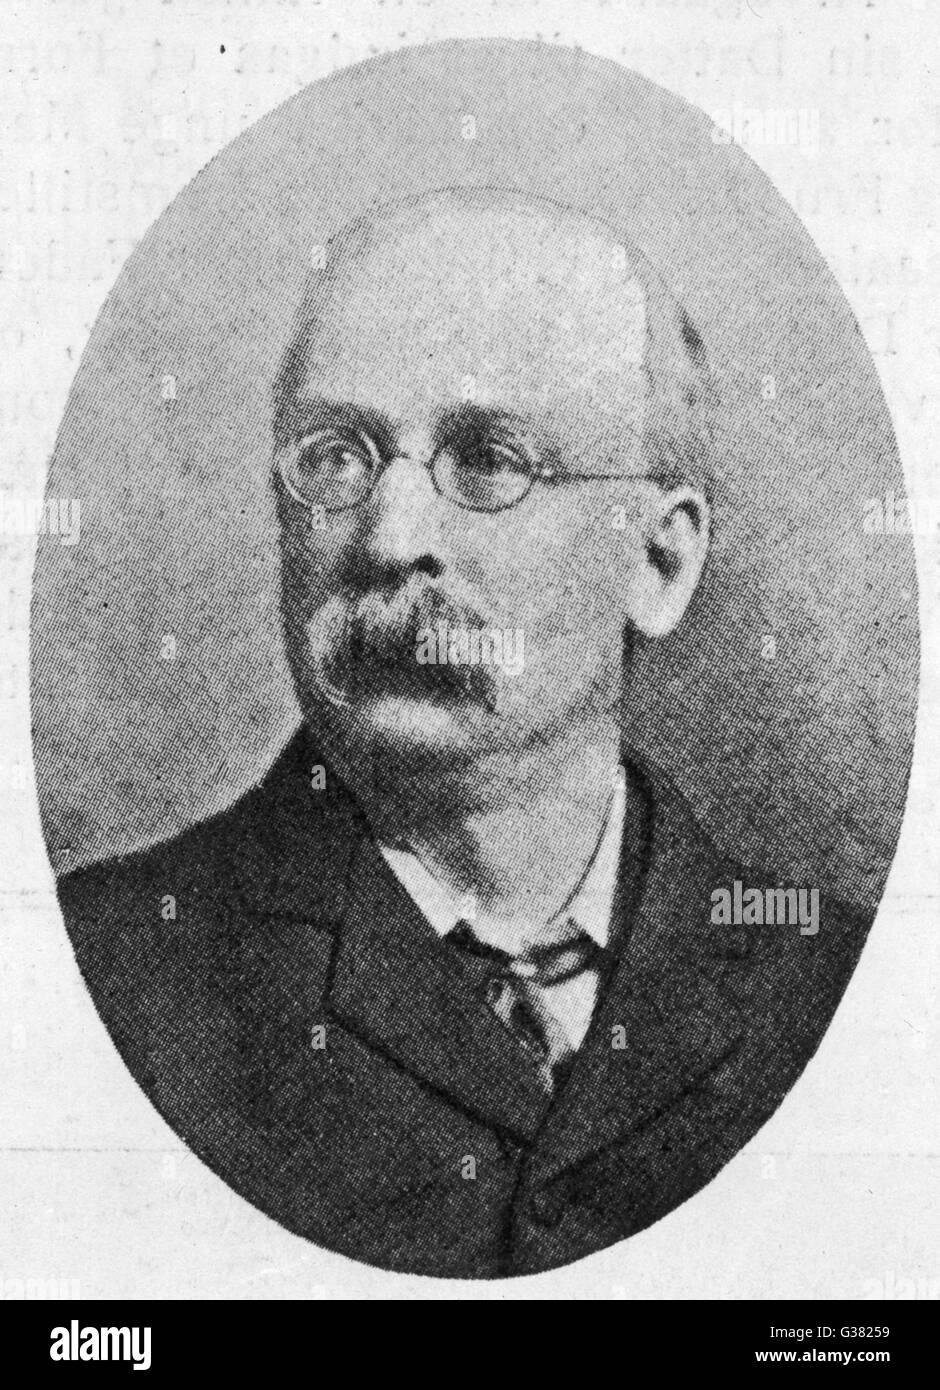 EBENEZER HOWARD réformiste et auteur du concept de la ville-jardin Date: 1850 - 1928 Photo Stock